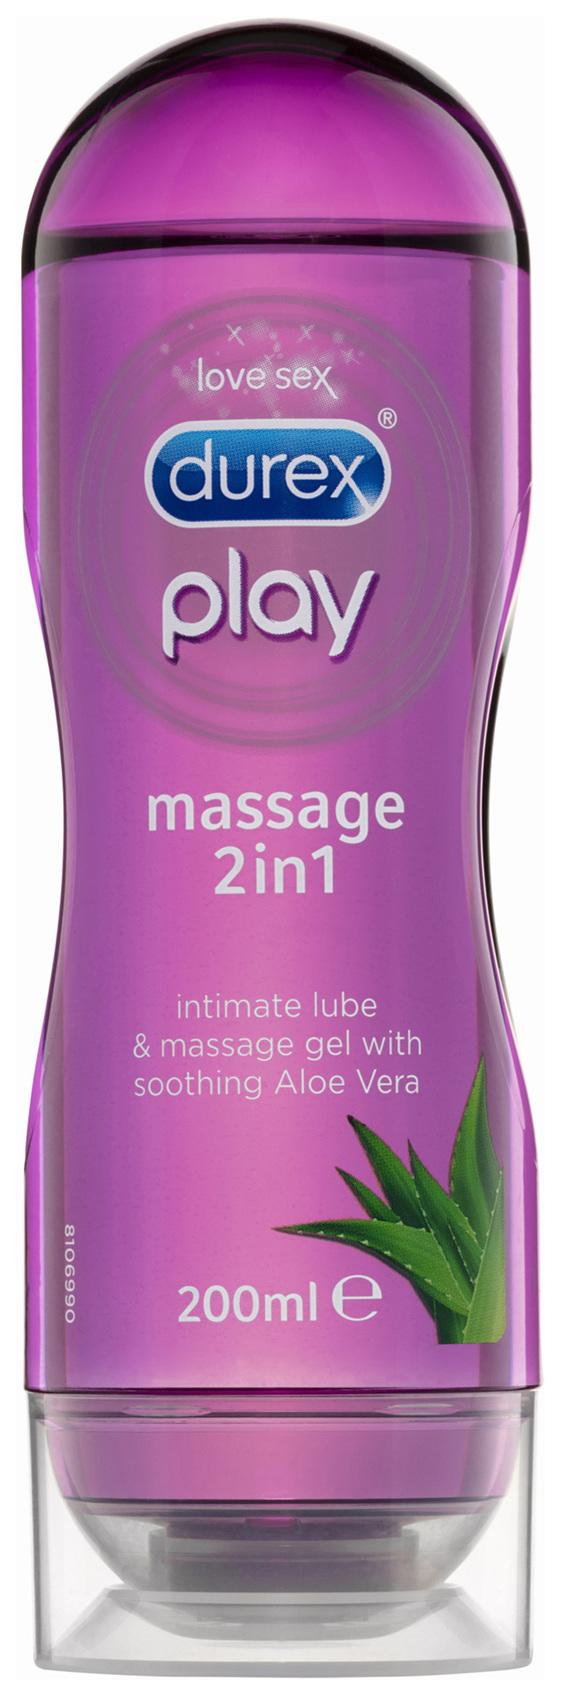 Durex Play Massage 2 in 1 Gel Intimate Lubricant Aloe Vera 200mL